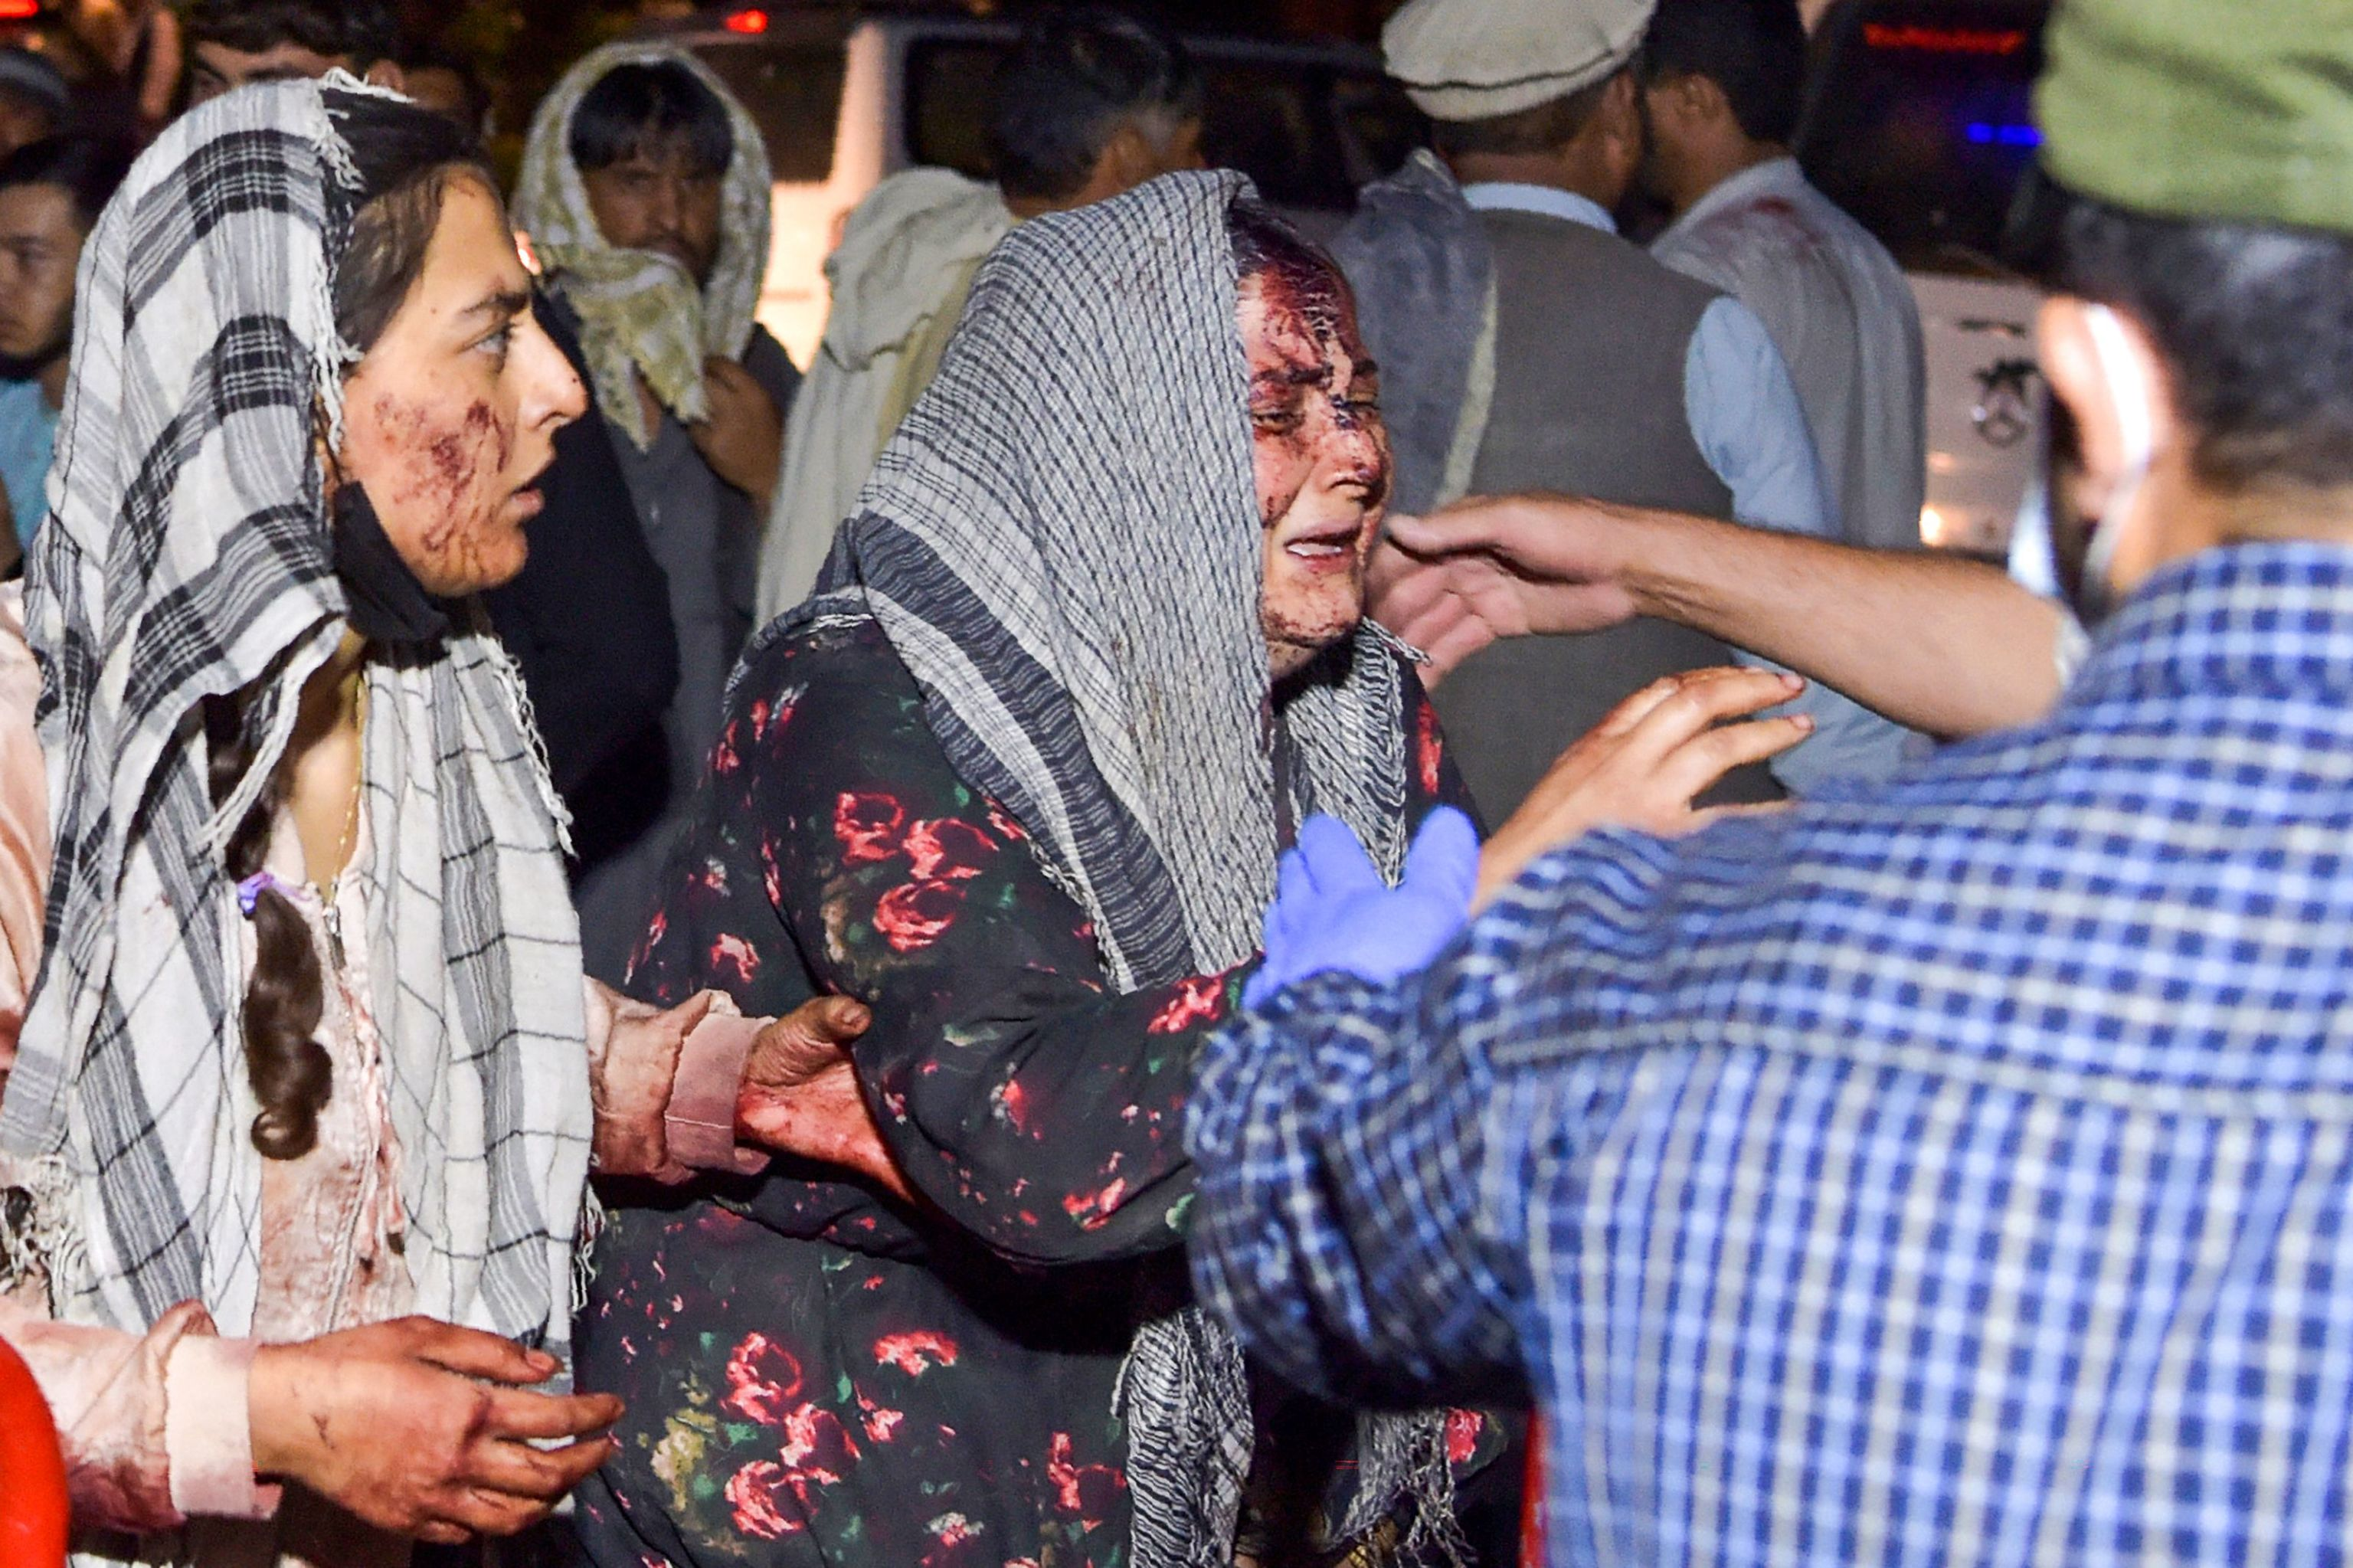 Mujeres heridas en el atentado en Kabul.